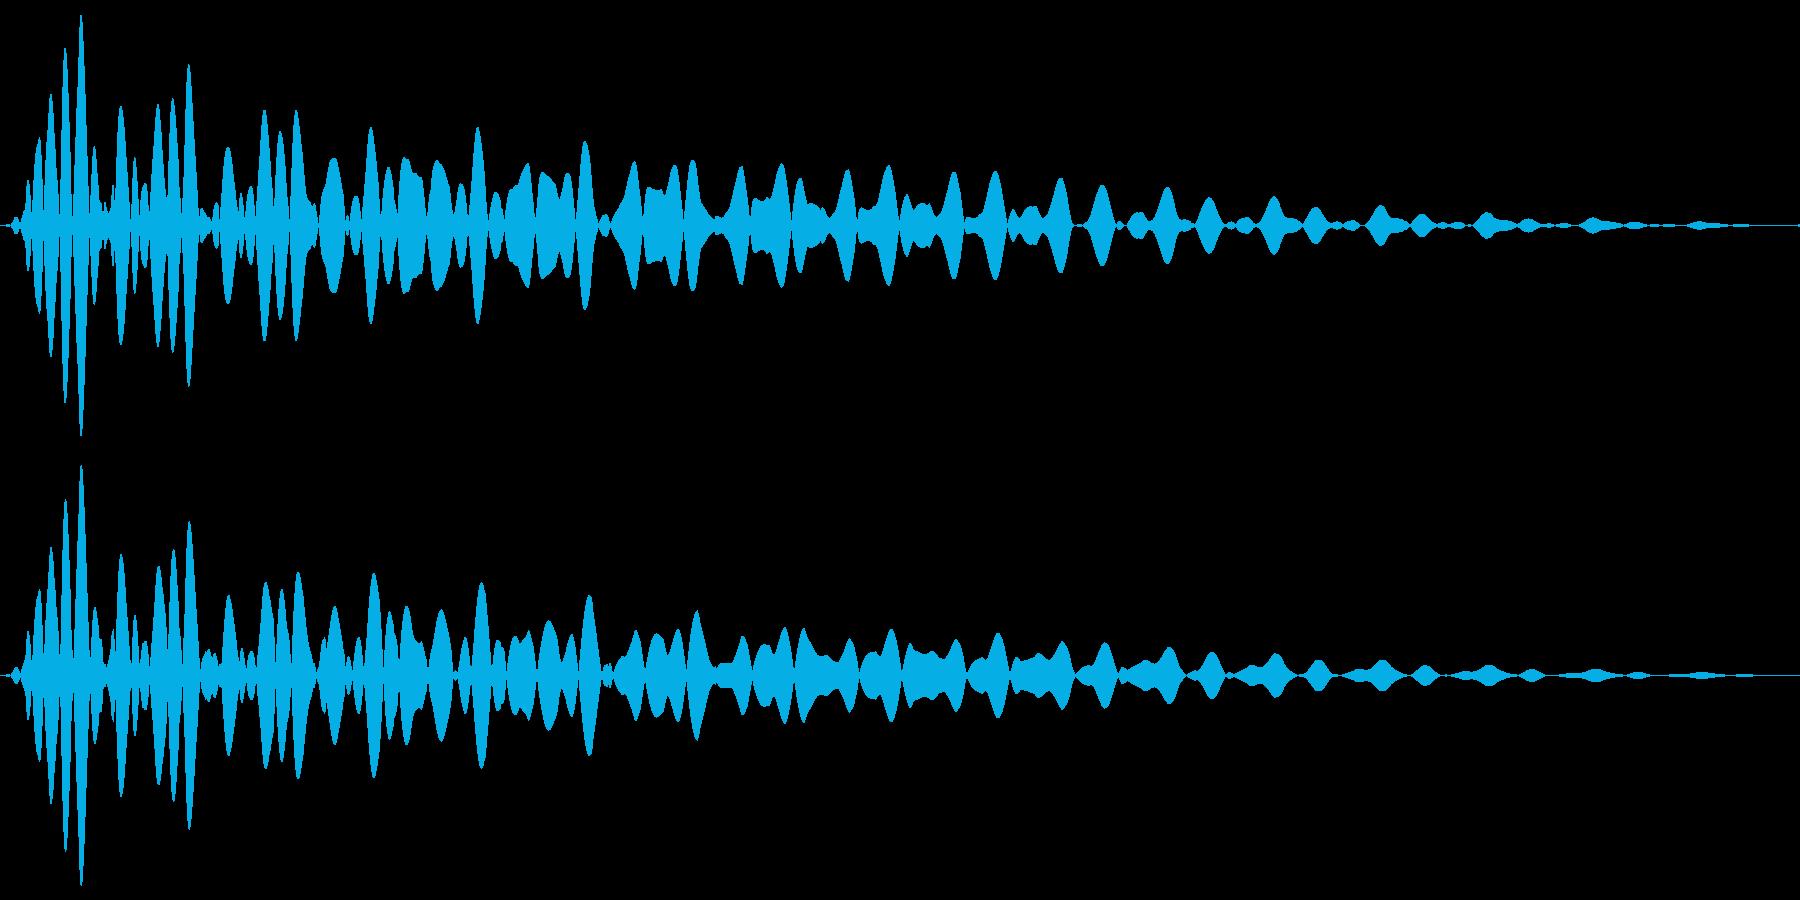 PureTouch アプリ用タッチ音62の再生済みの波形